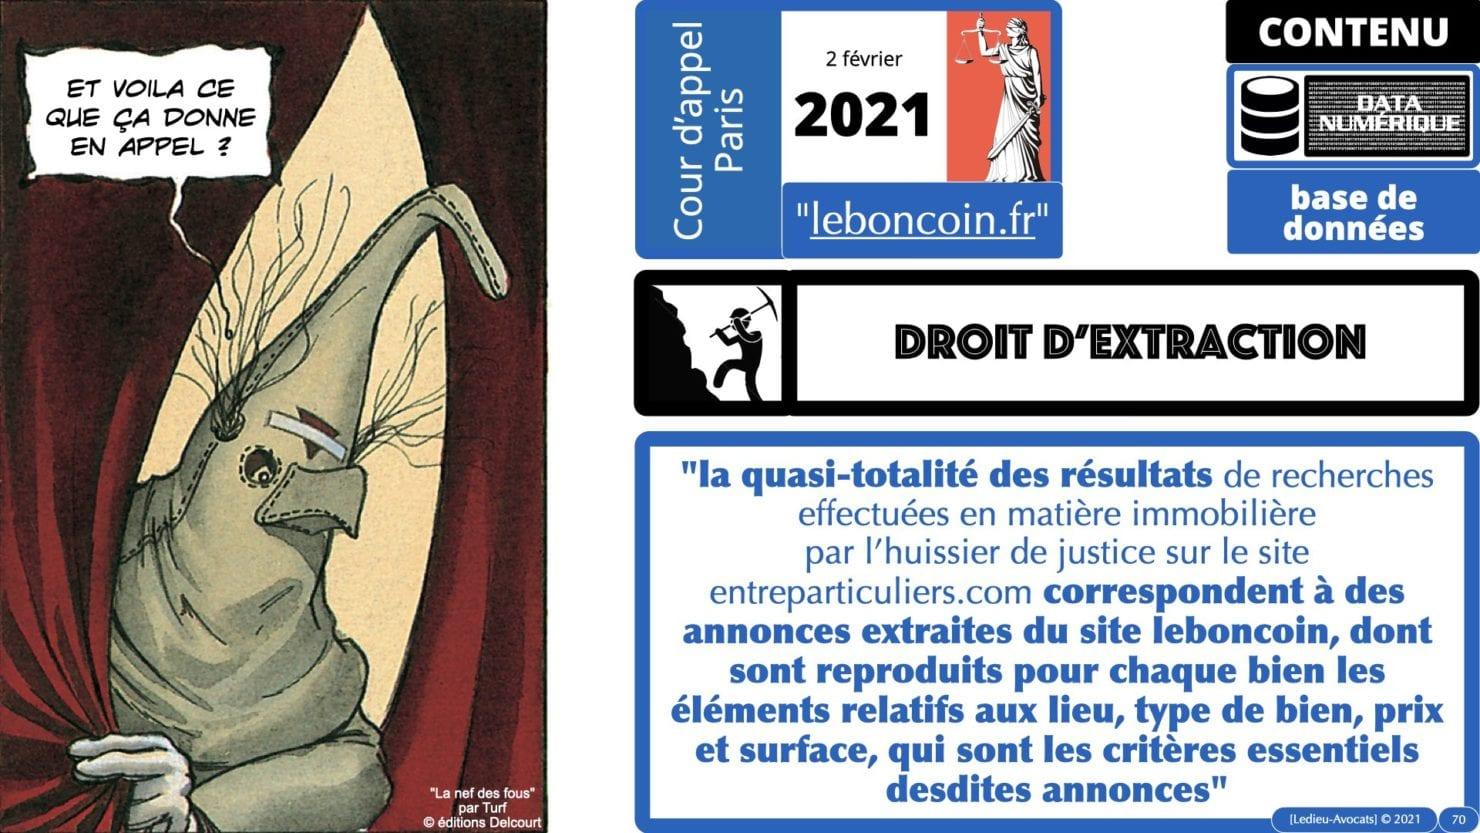 334 extraction indexation BASE DE DONNEES © Ledieu-avocat 24-05-2021.070